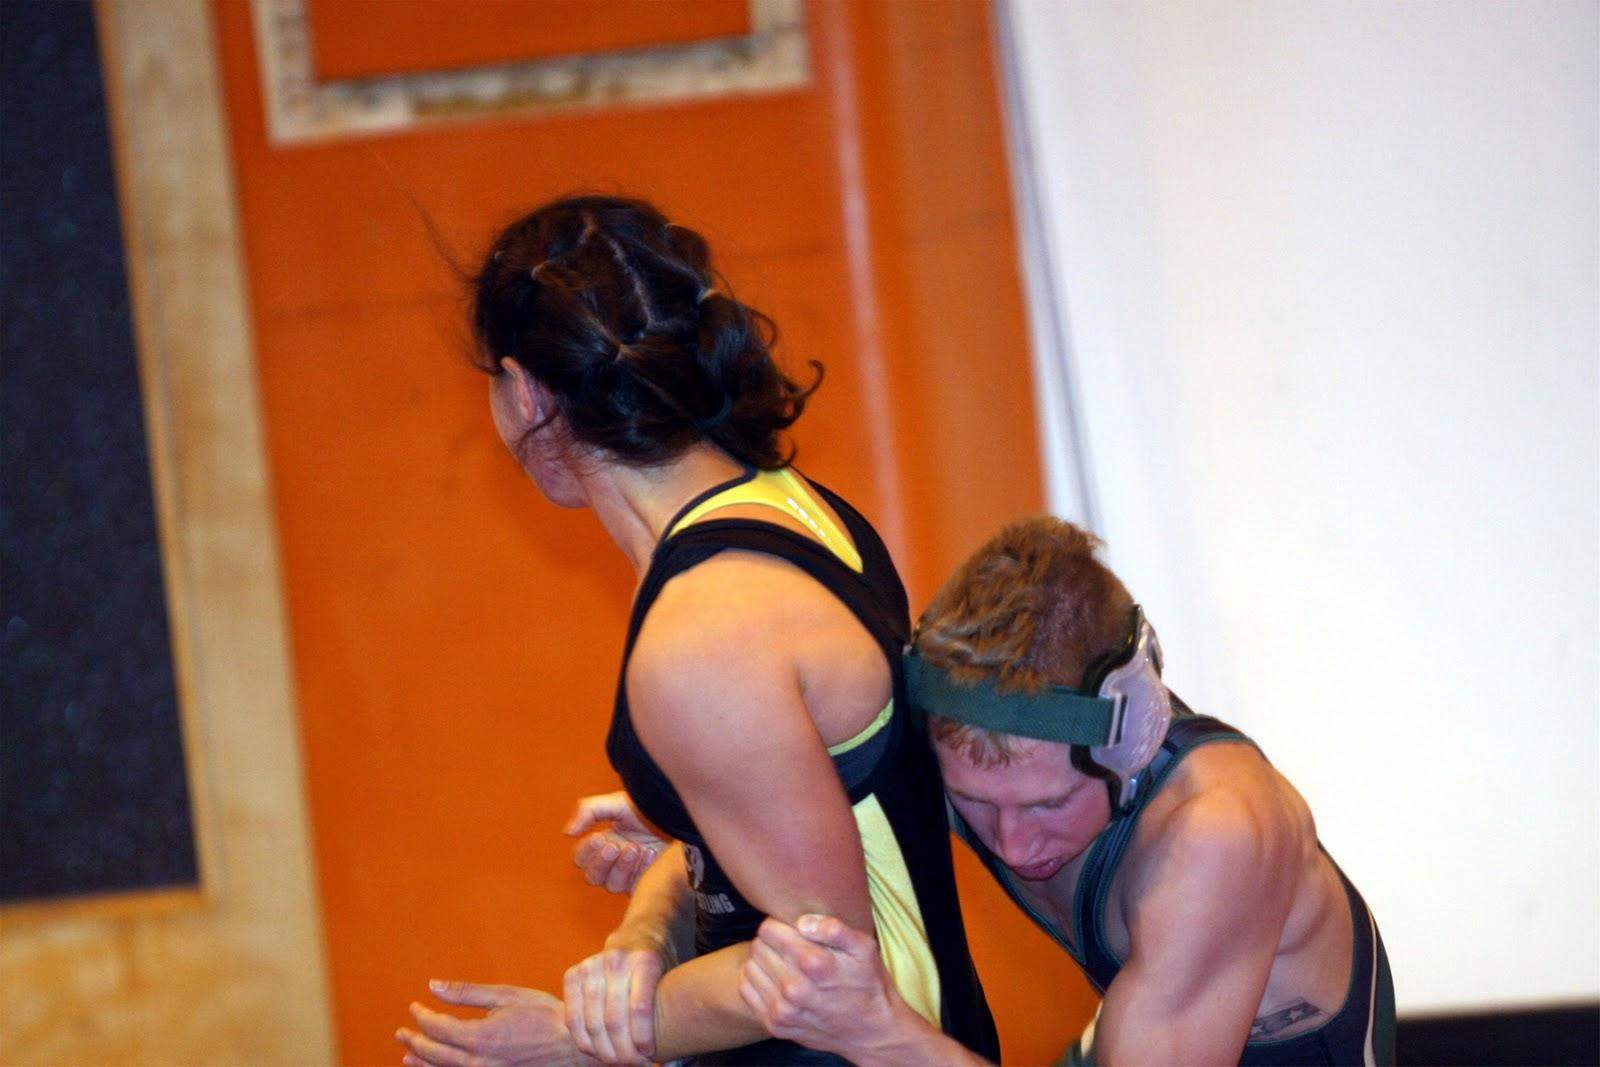 Men Wrestling Women: Female college wrestler battles a male opponent: menwrestlingwomen.blogspot.nl/2013/06/female-college-wrestler...